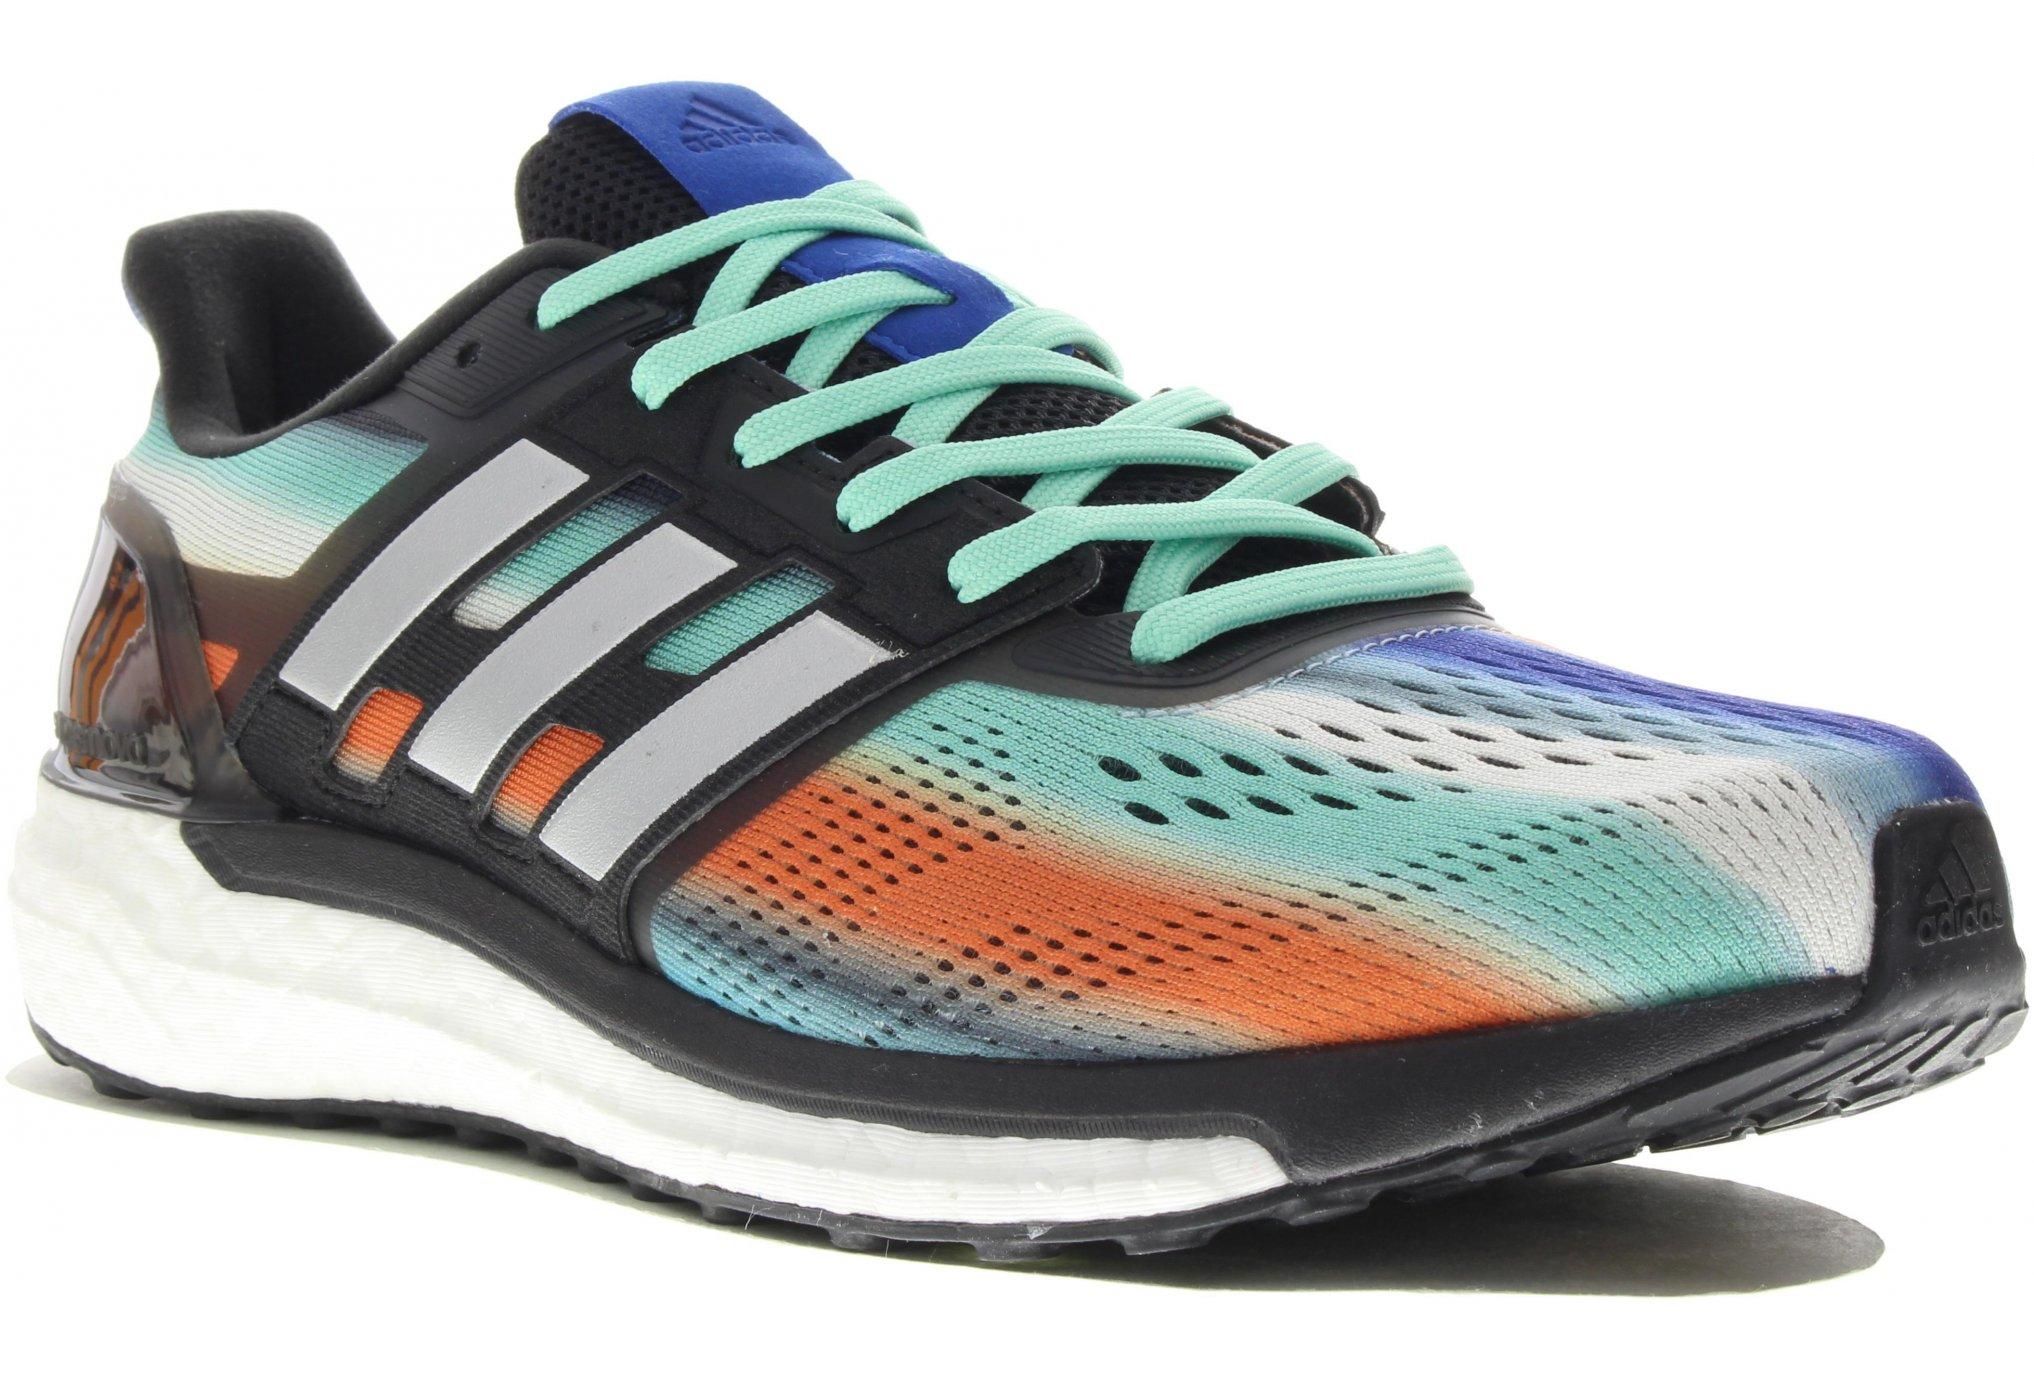 Chaussures pour le marathon en soldes – U Run